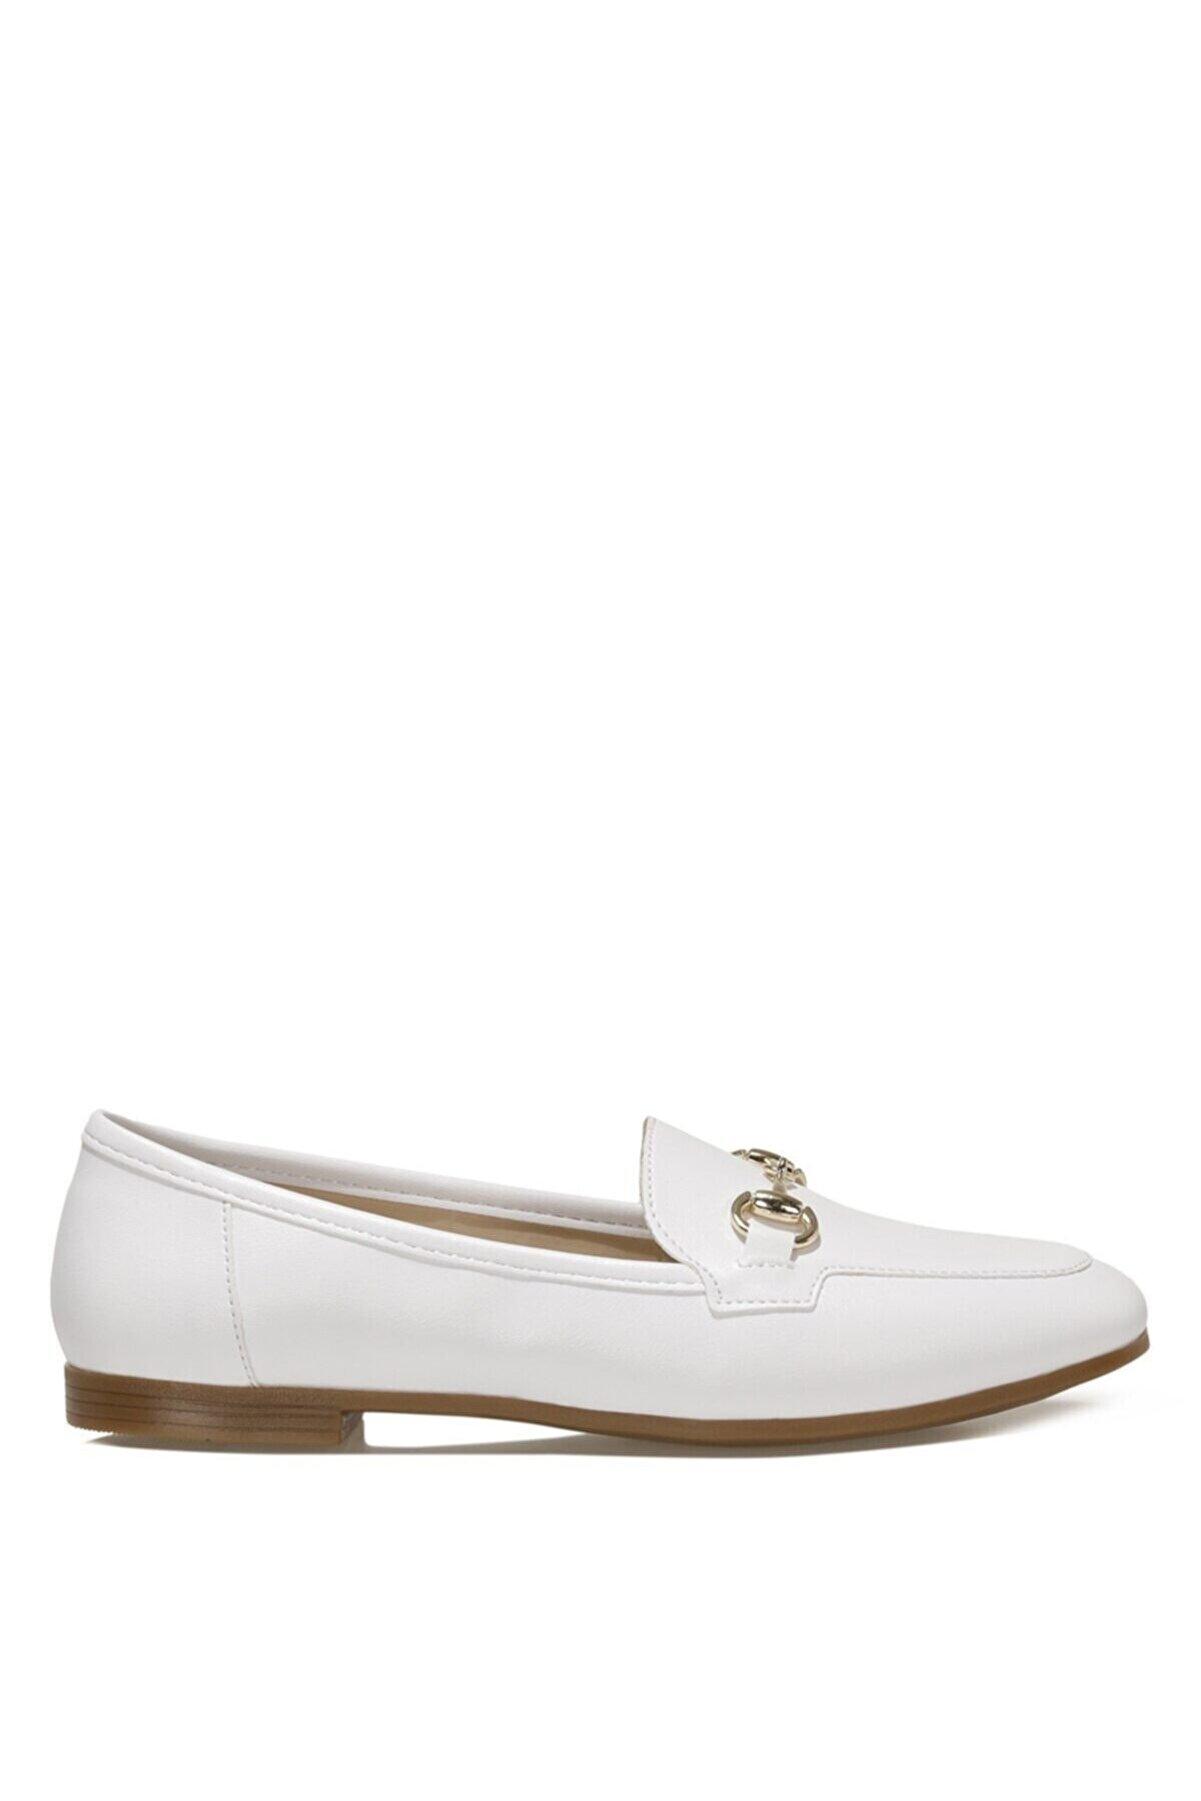 İnci SIMA.Z 1FX Beyaz Kadın Loafer Ayakkabı 101038462